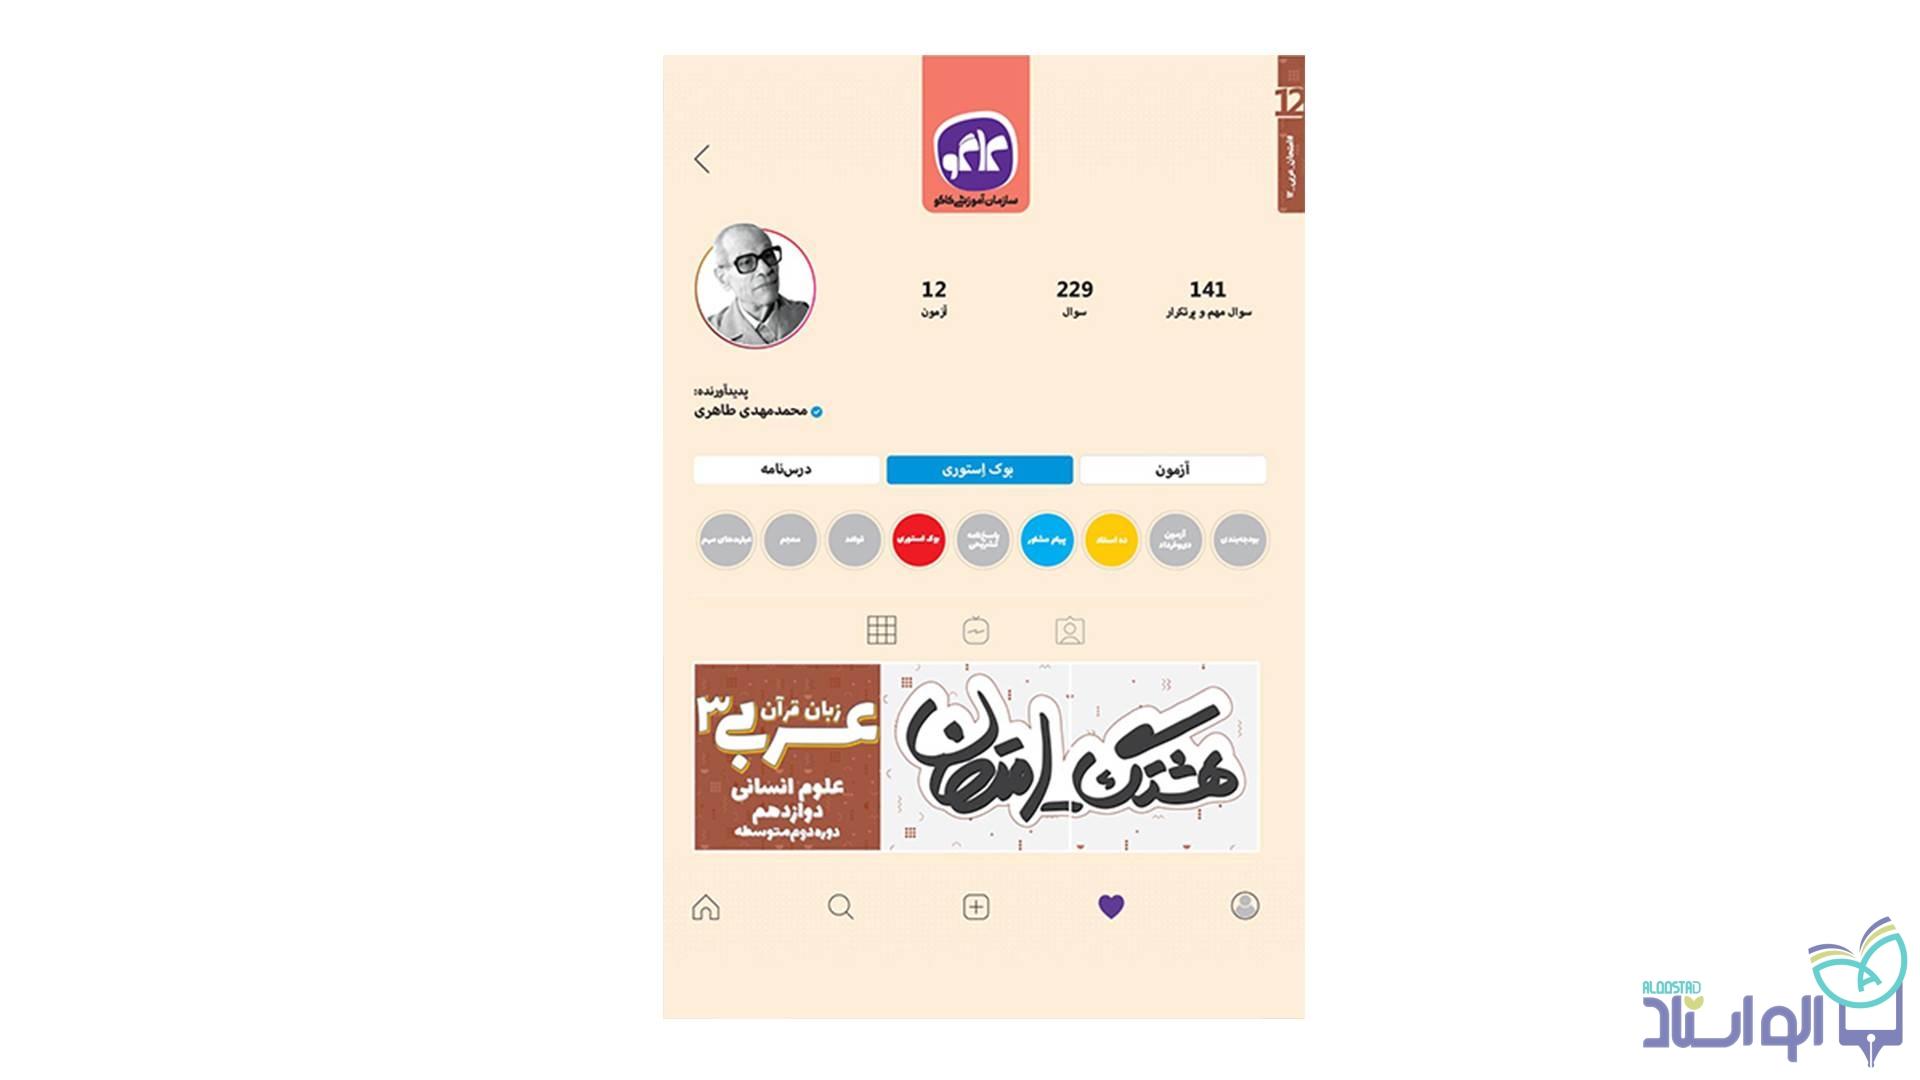 هشتگ - امتحان عربی 3 دوازدهم رشته انسانی